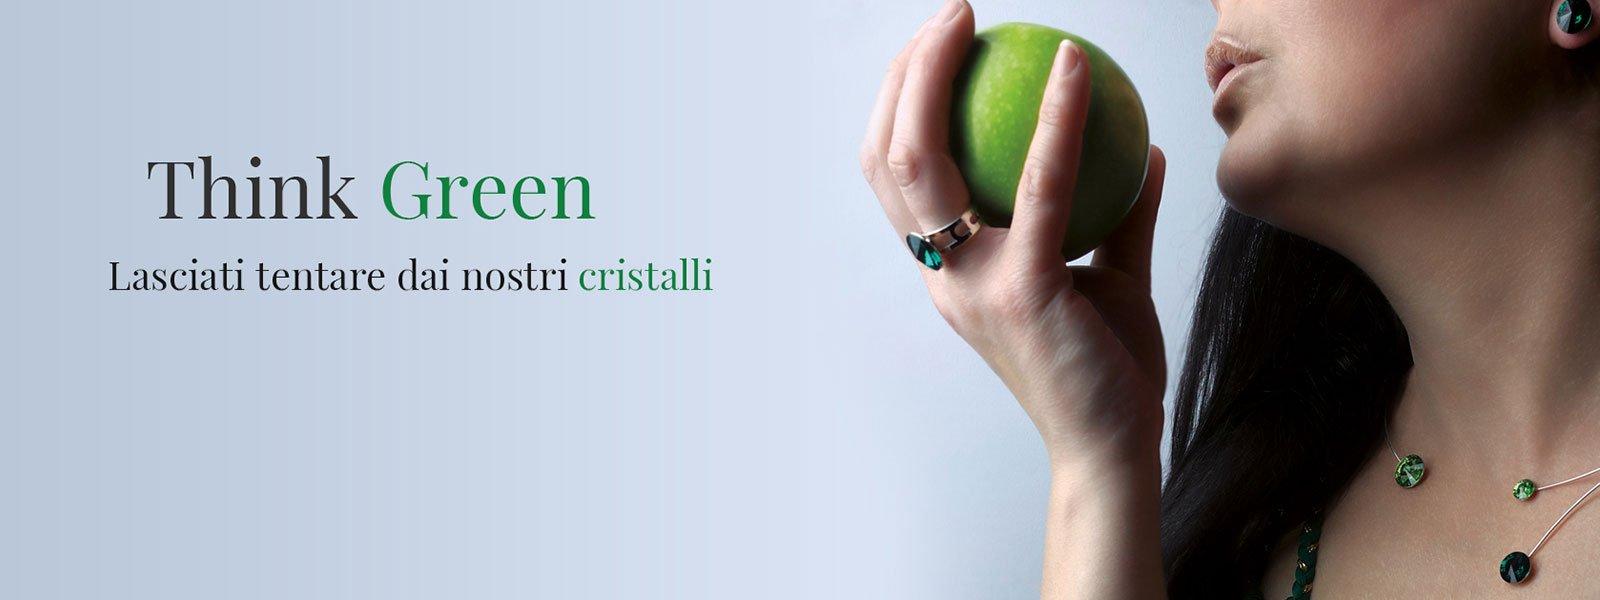 Pubblicitá della dita con il colore verde